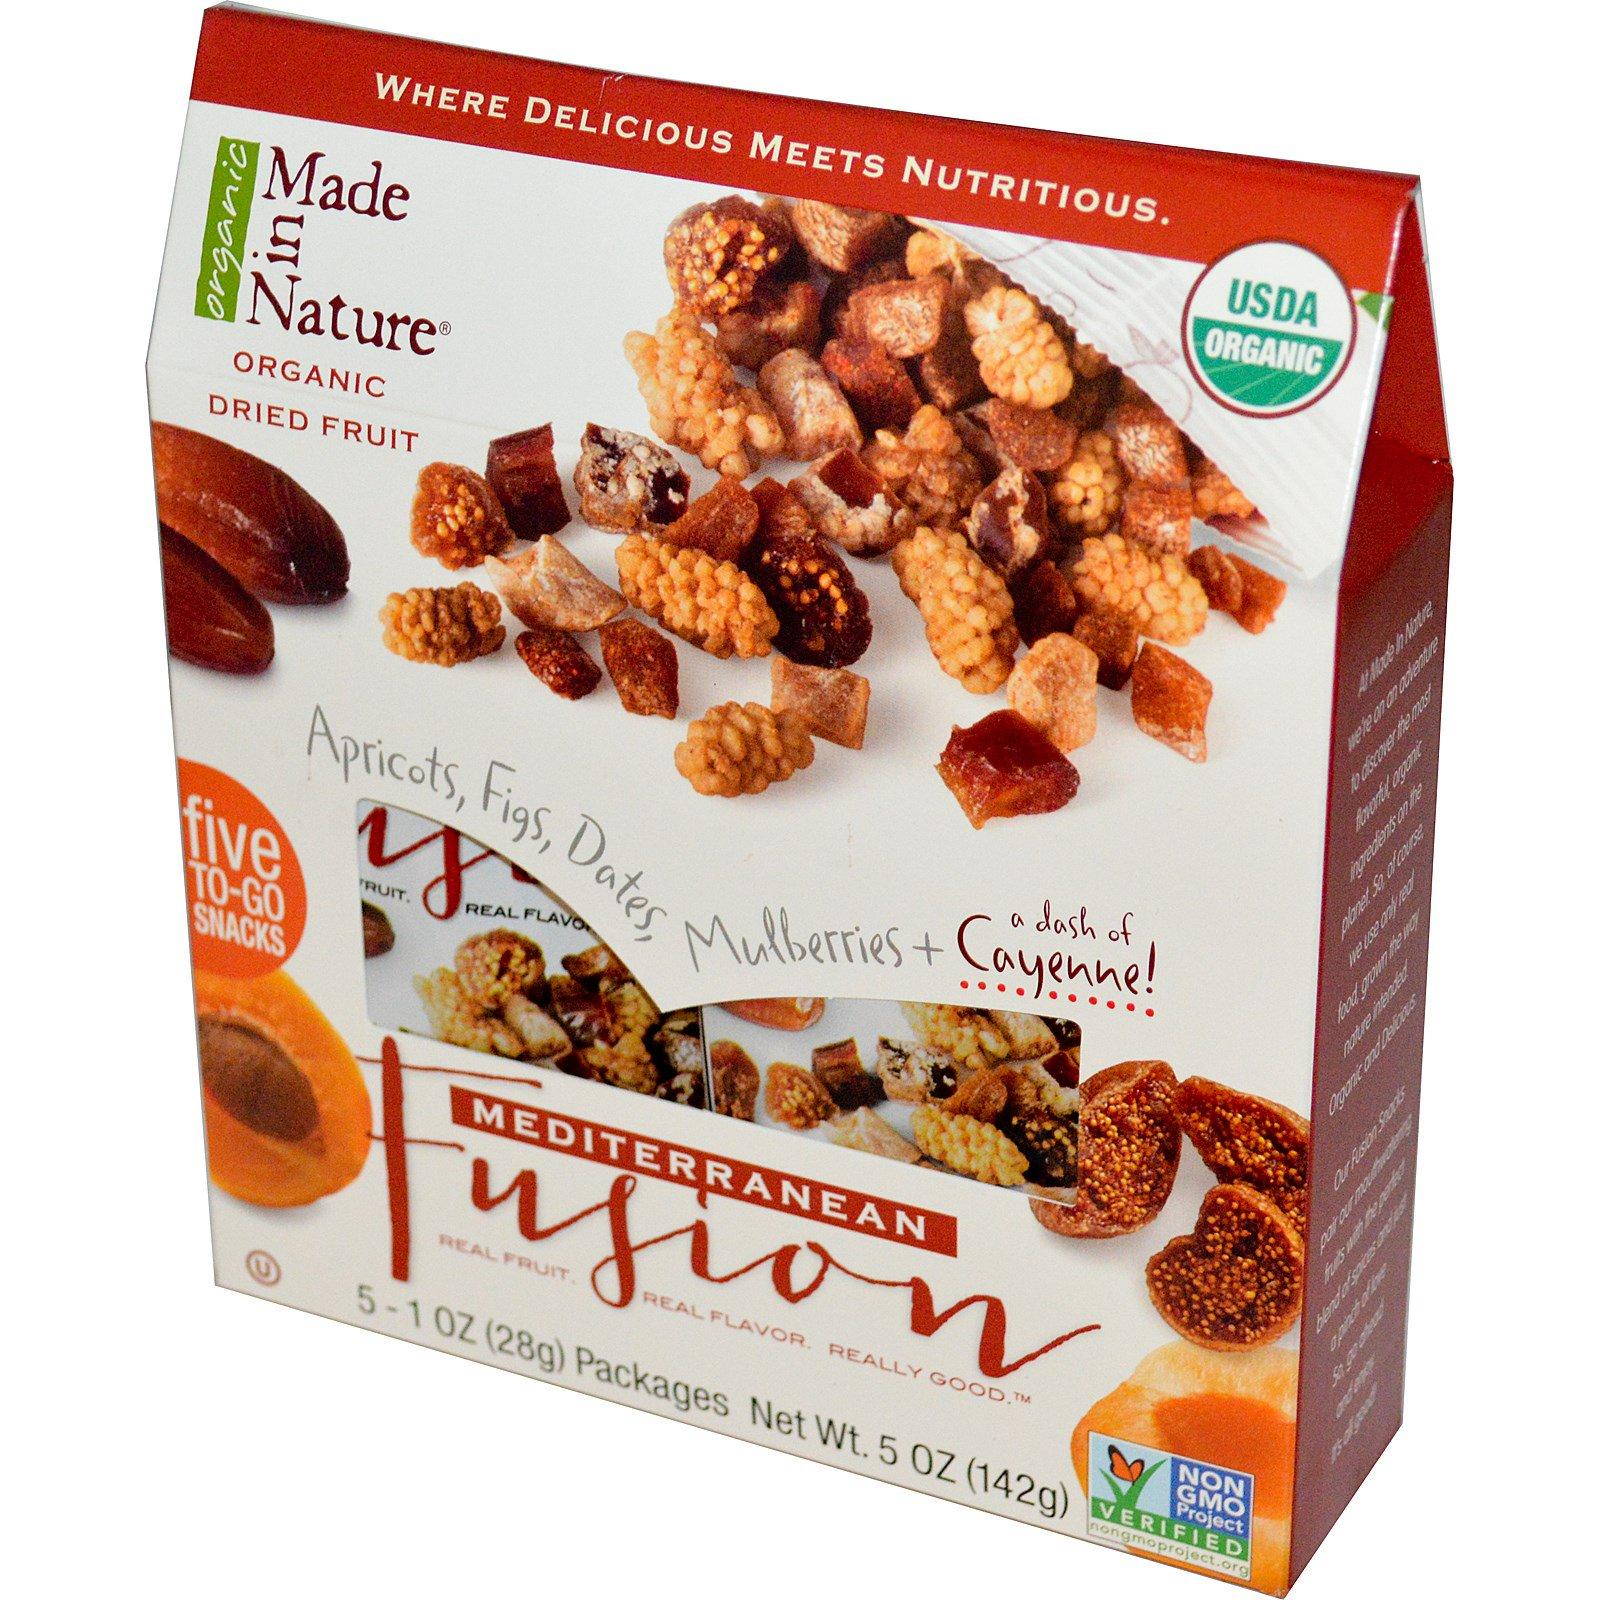 Made in Nature, Органические высушенные фрукты, Средиземноморская смесь, 5 пачек, 1 унция (28 г) каждая